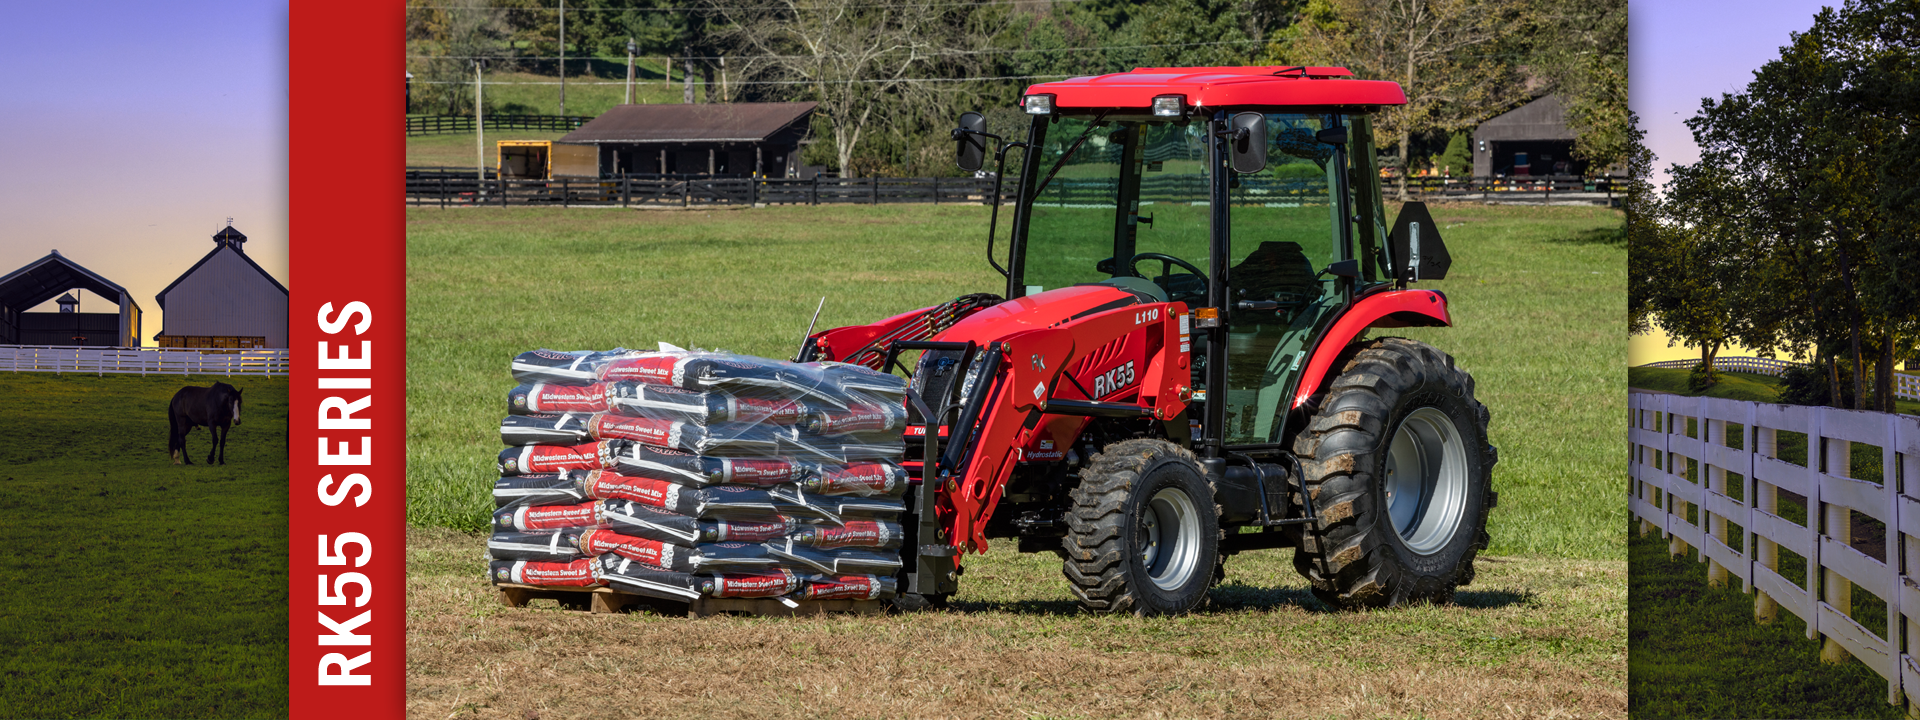 Tractors | RK55 Series Tractor | RK Tractors